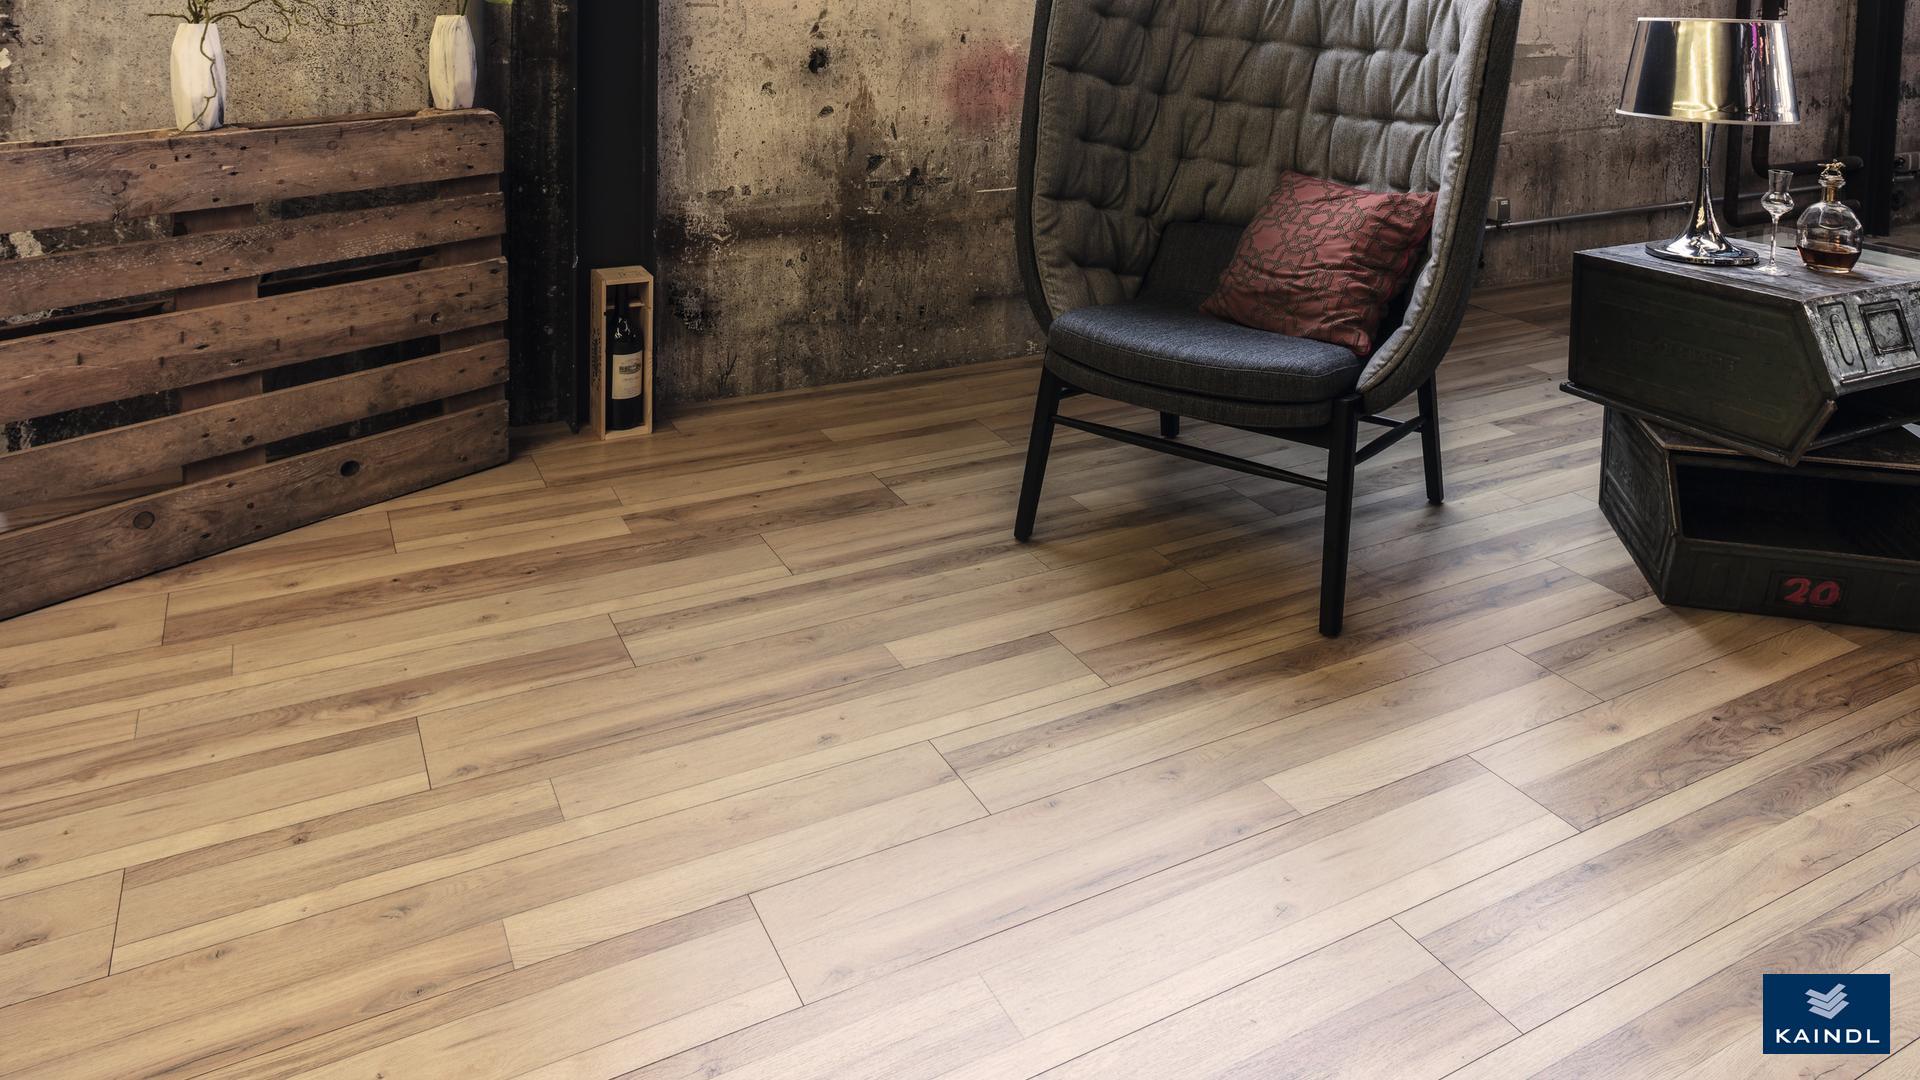 sàn gỗ công nghiệp châu âu Kaindl cao cấp